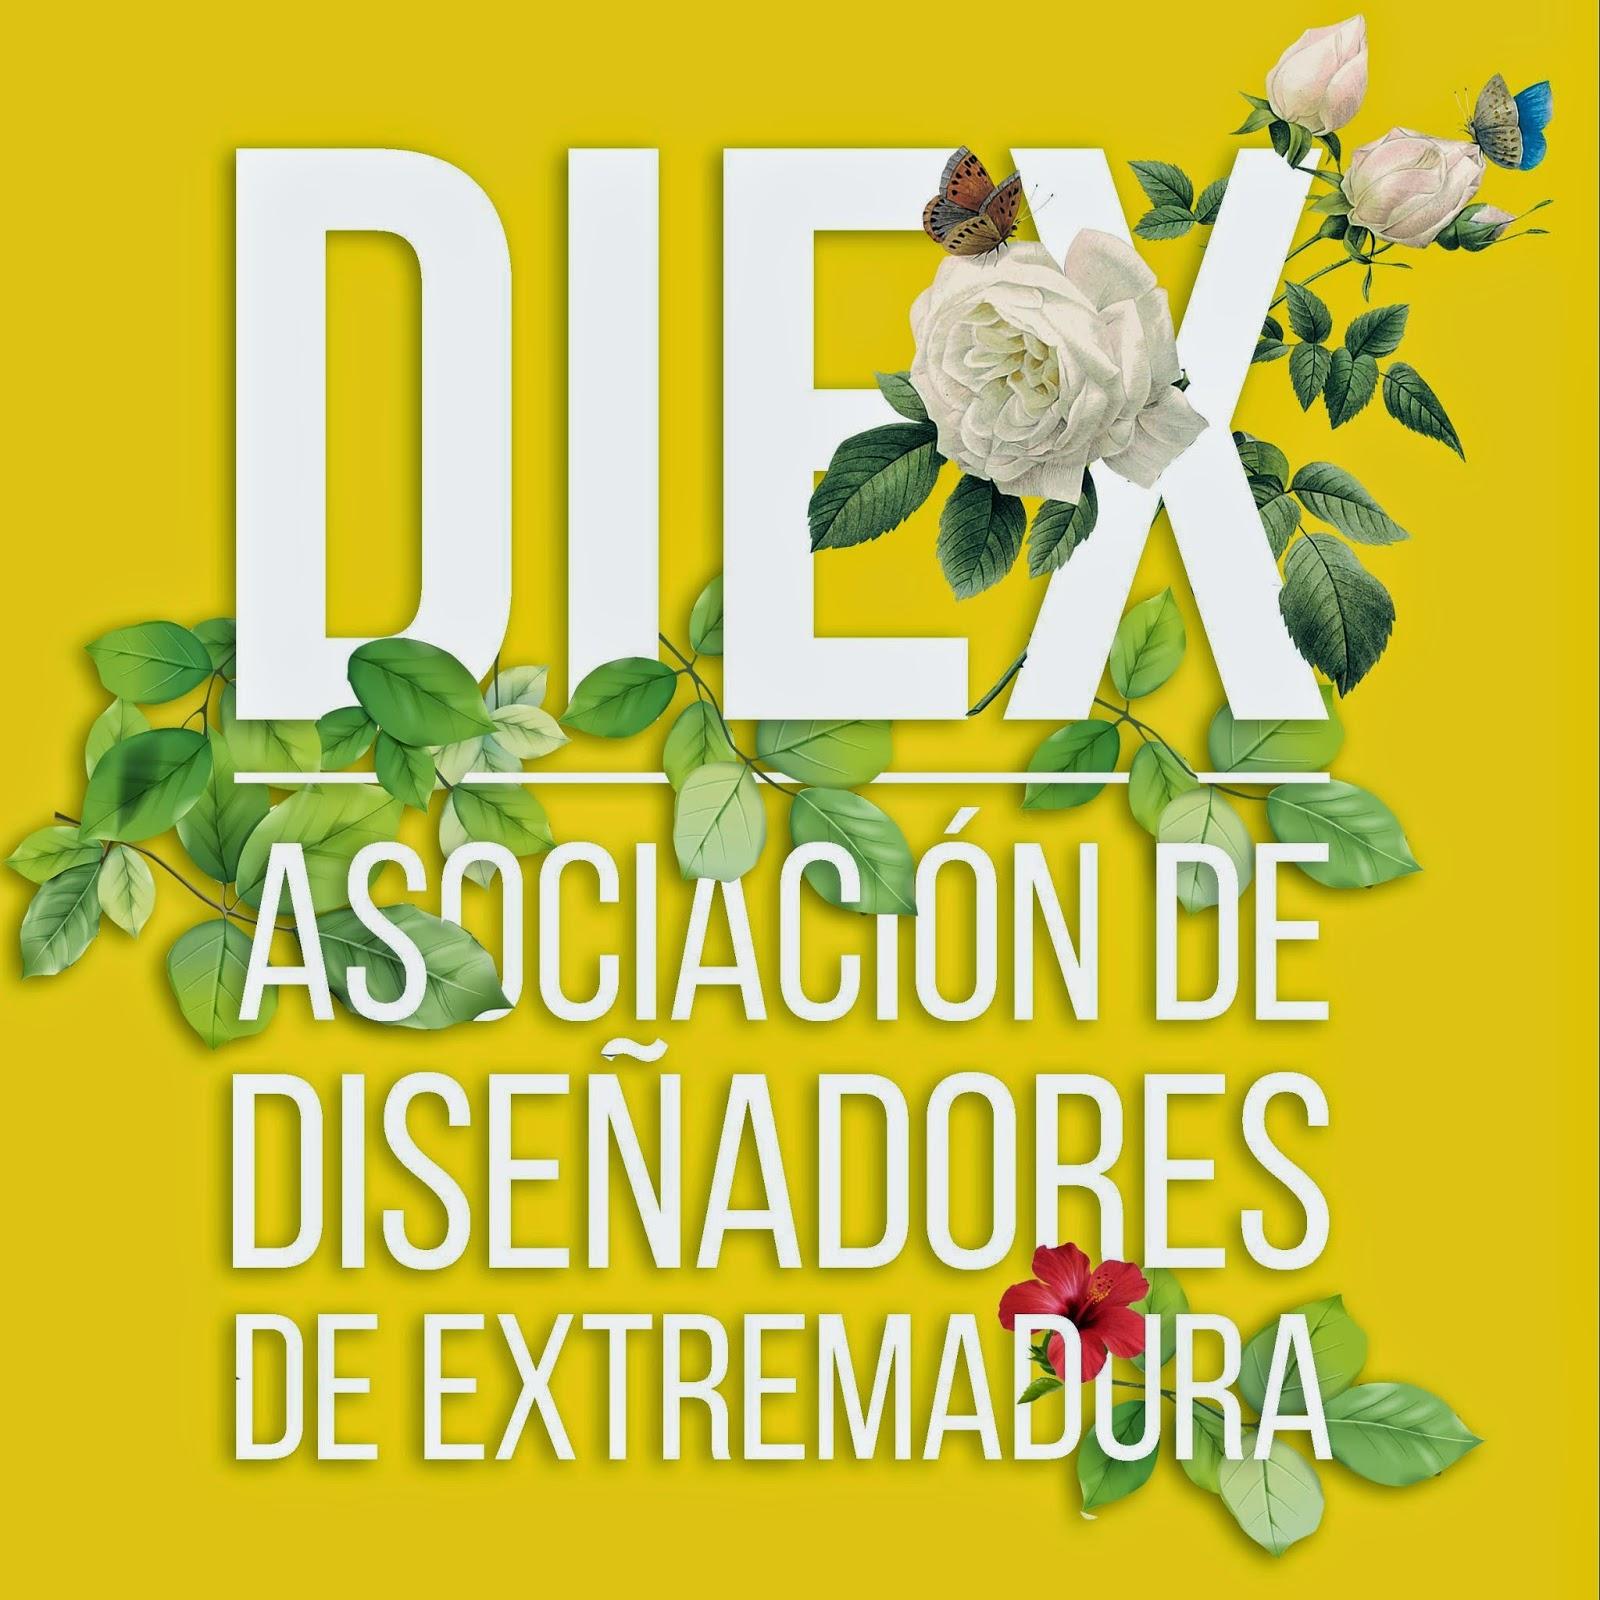 http://diex.es/